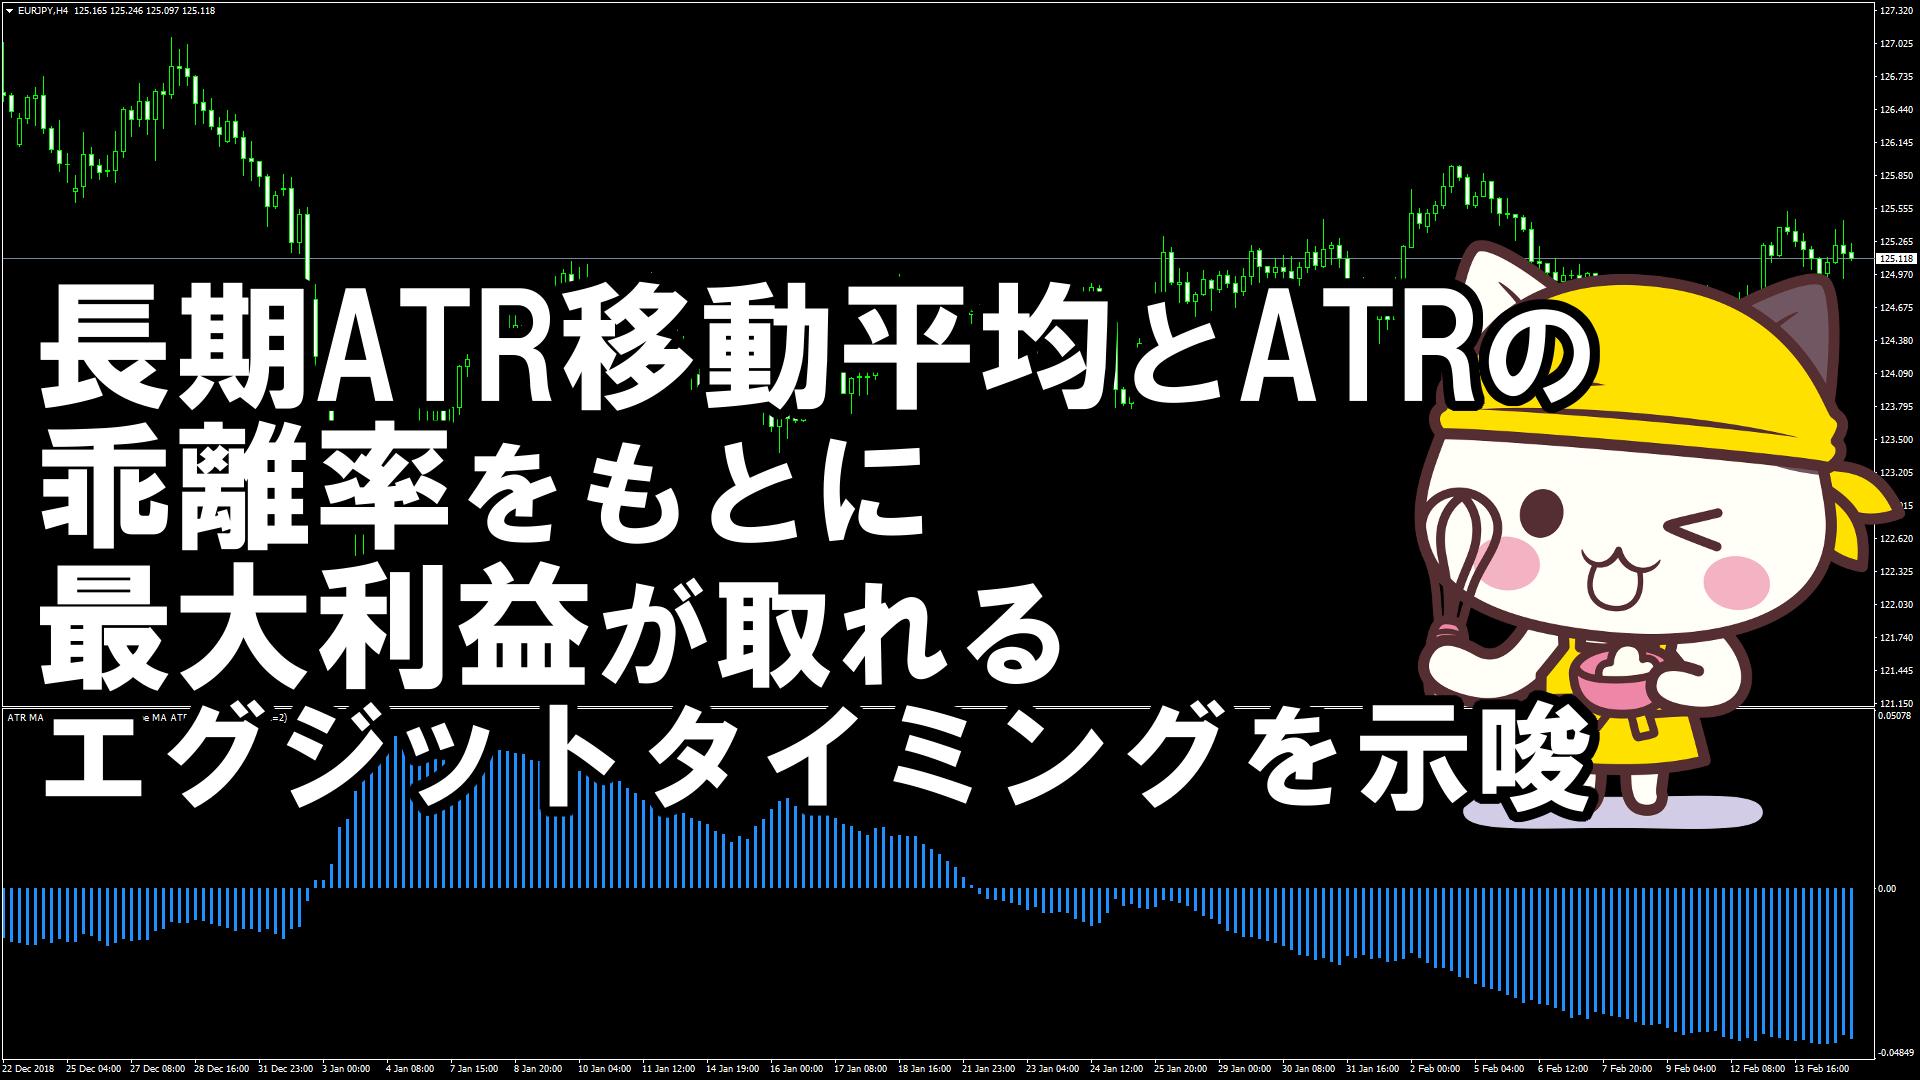 長期ATR移動平均とATRの乖離率をもとに最大利益が取れるエグジットタイミングを示唆するMT4インジケーター『ATR_MA_Oscillator』